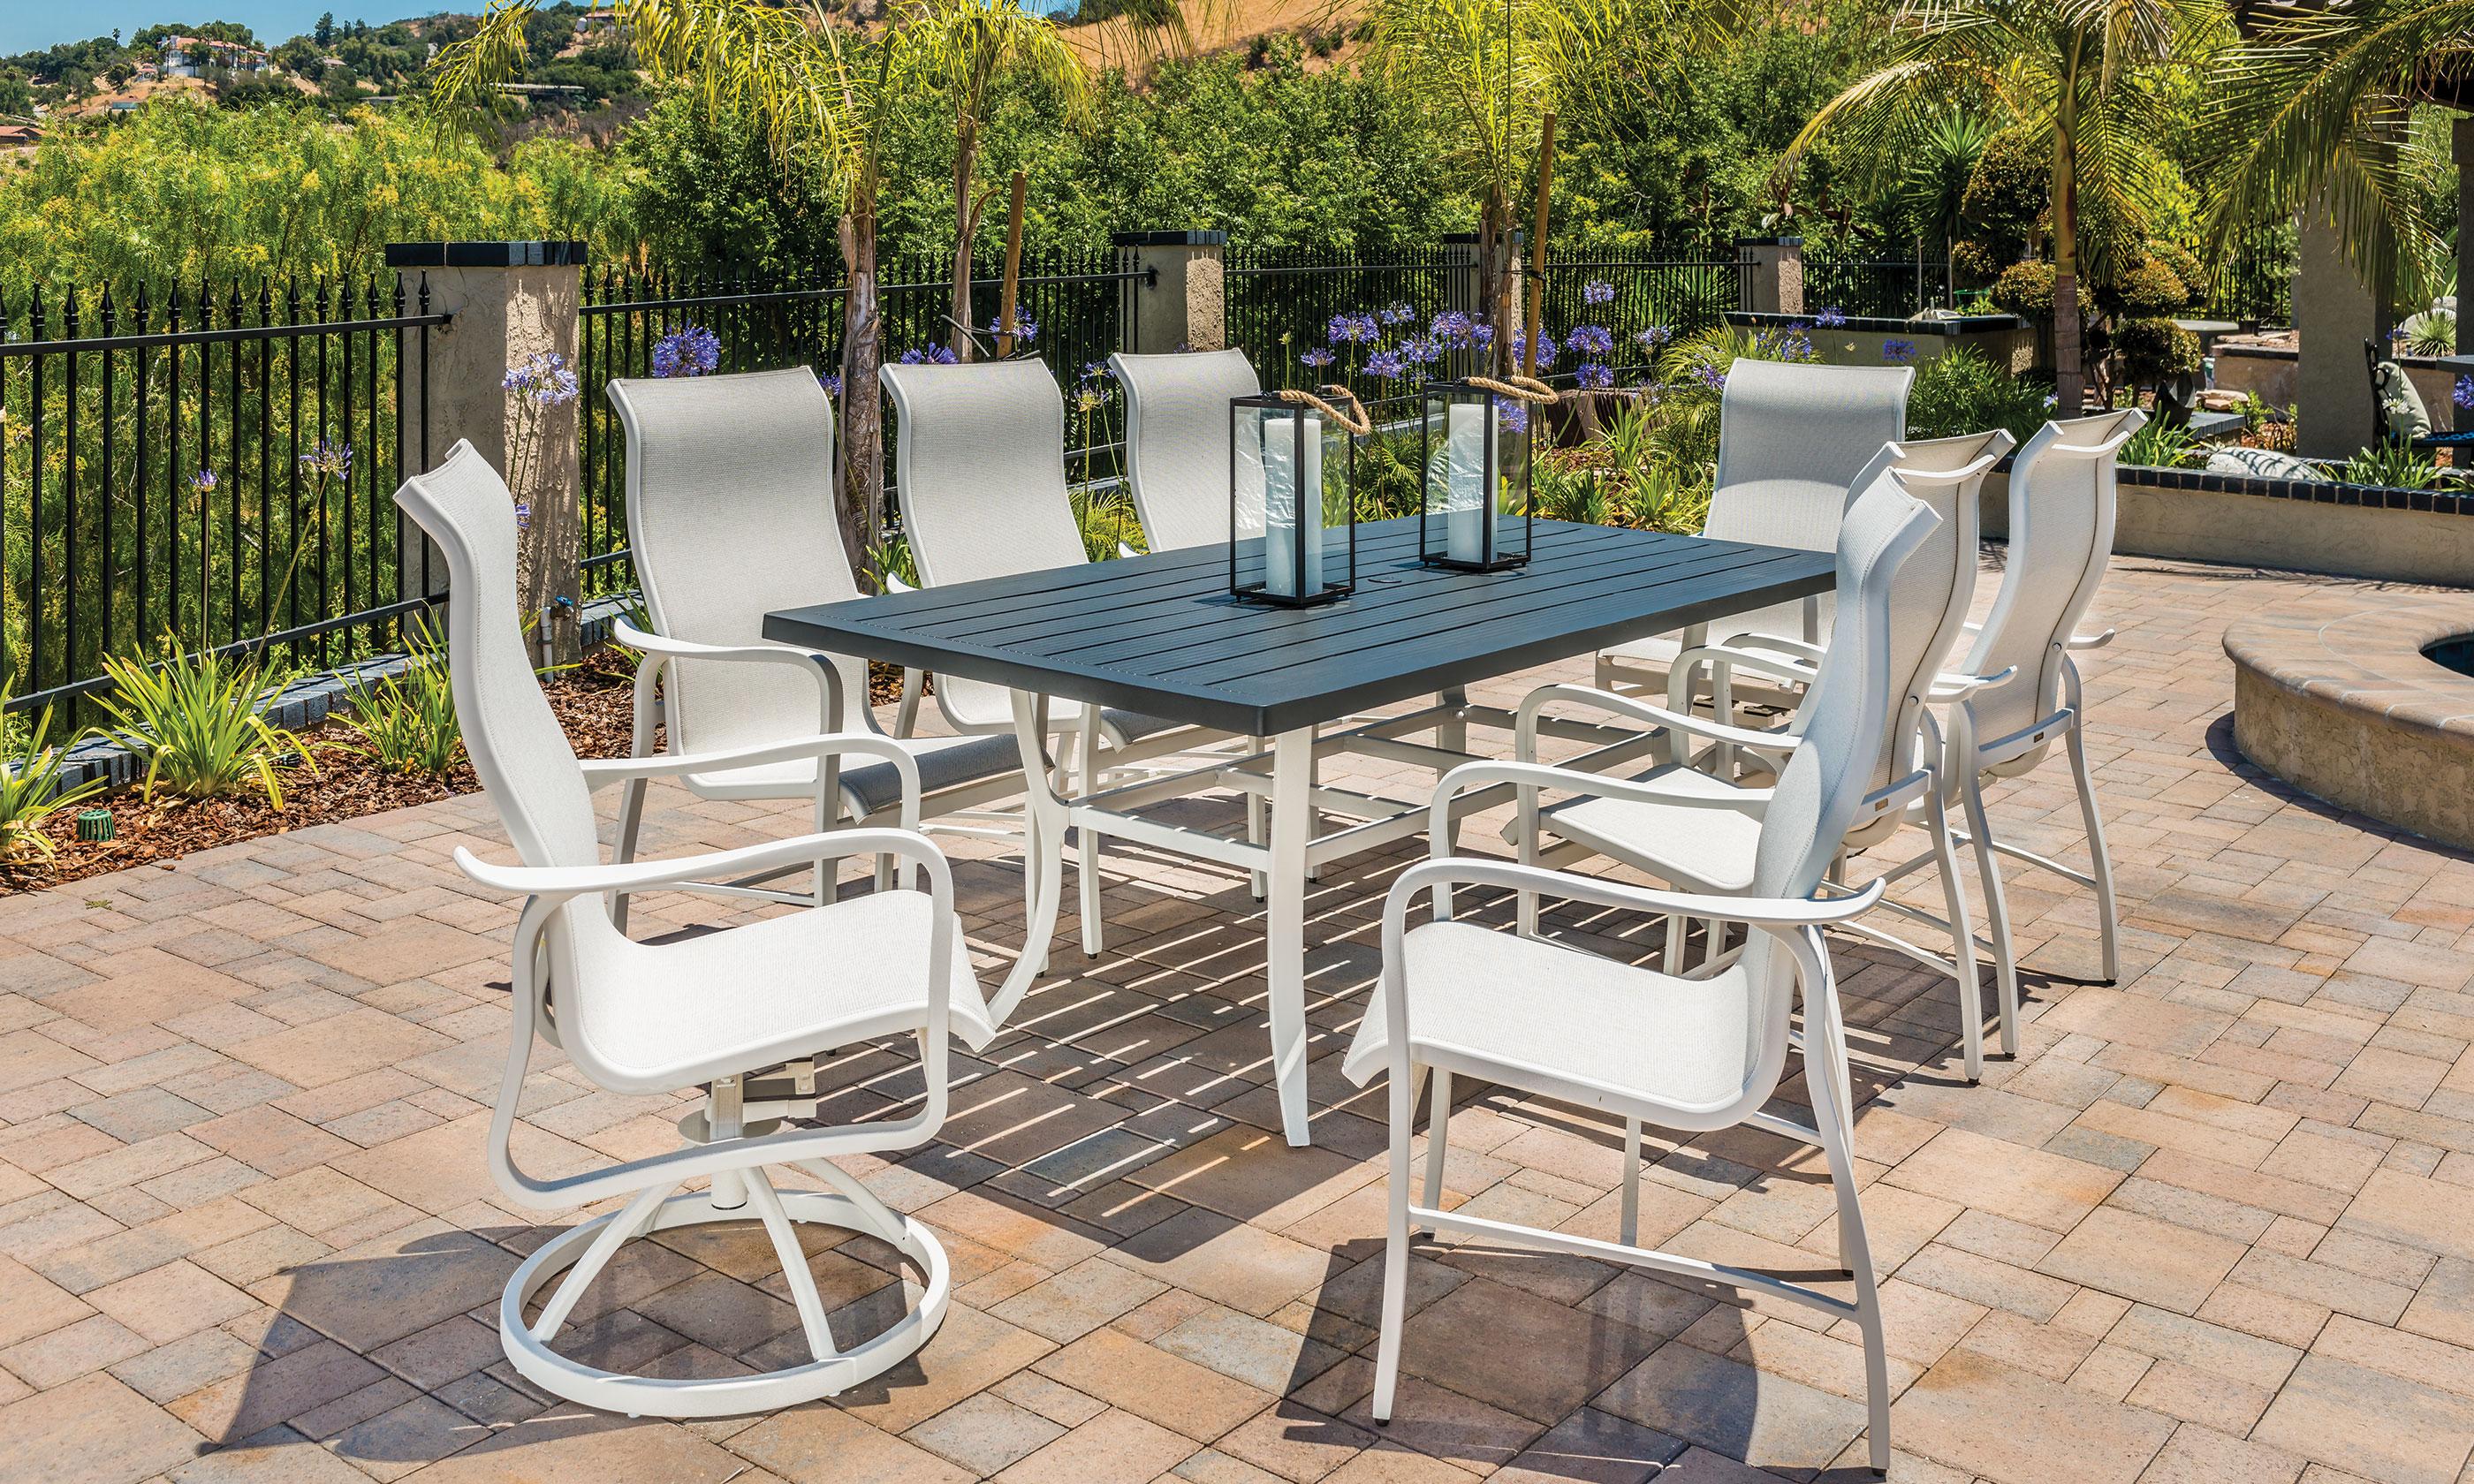 Outdoor Furniture & Kitchens Gensun